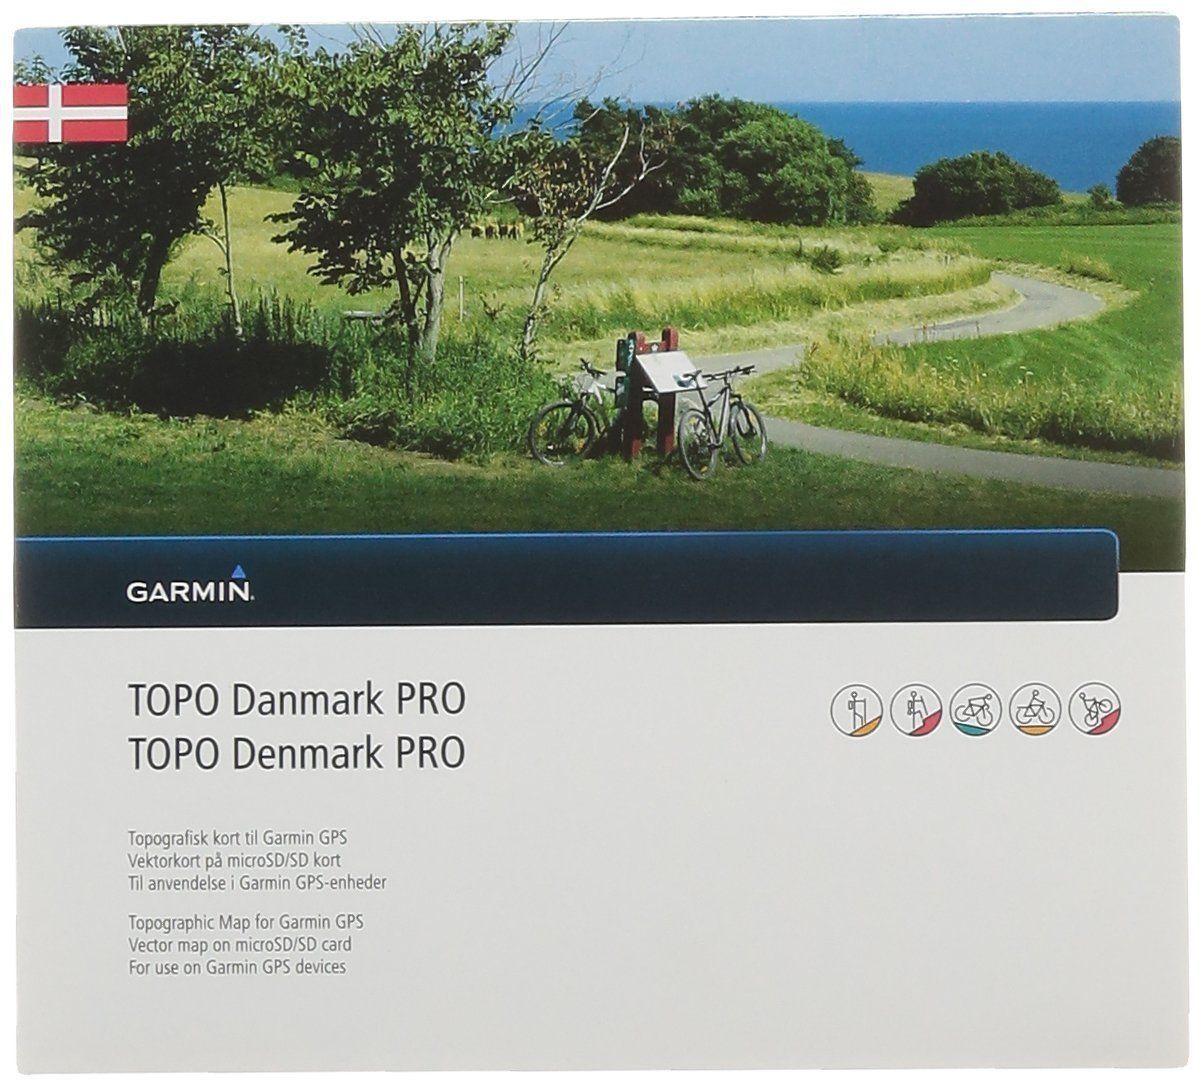 Garmin Topo Denmark V3 Pro Danmark And 33 Similar Items